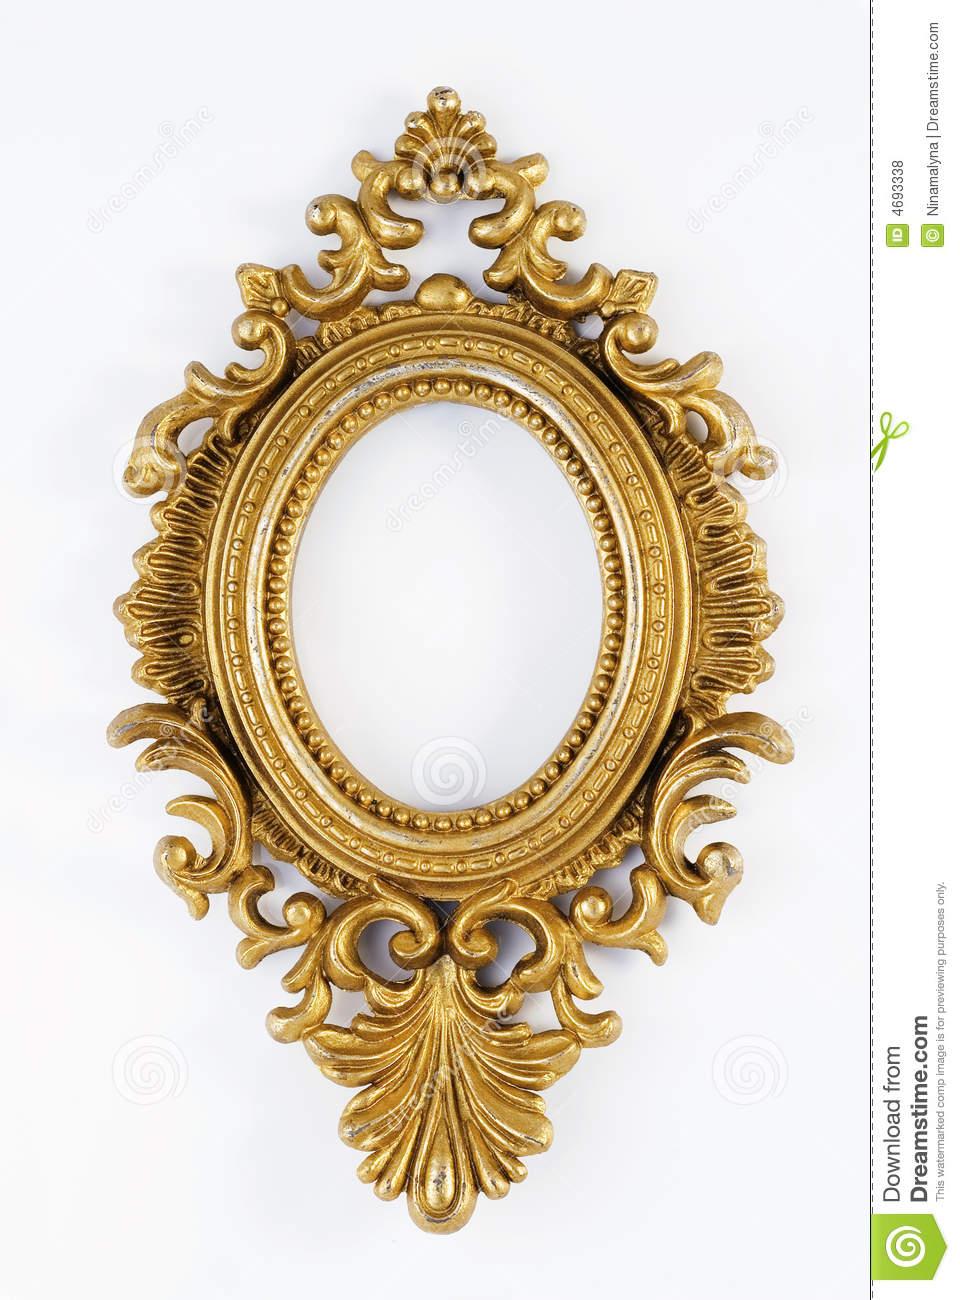 Oval vintage gold ornate frame. Gallery, design. - Antique Oval Frame PNG